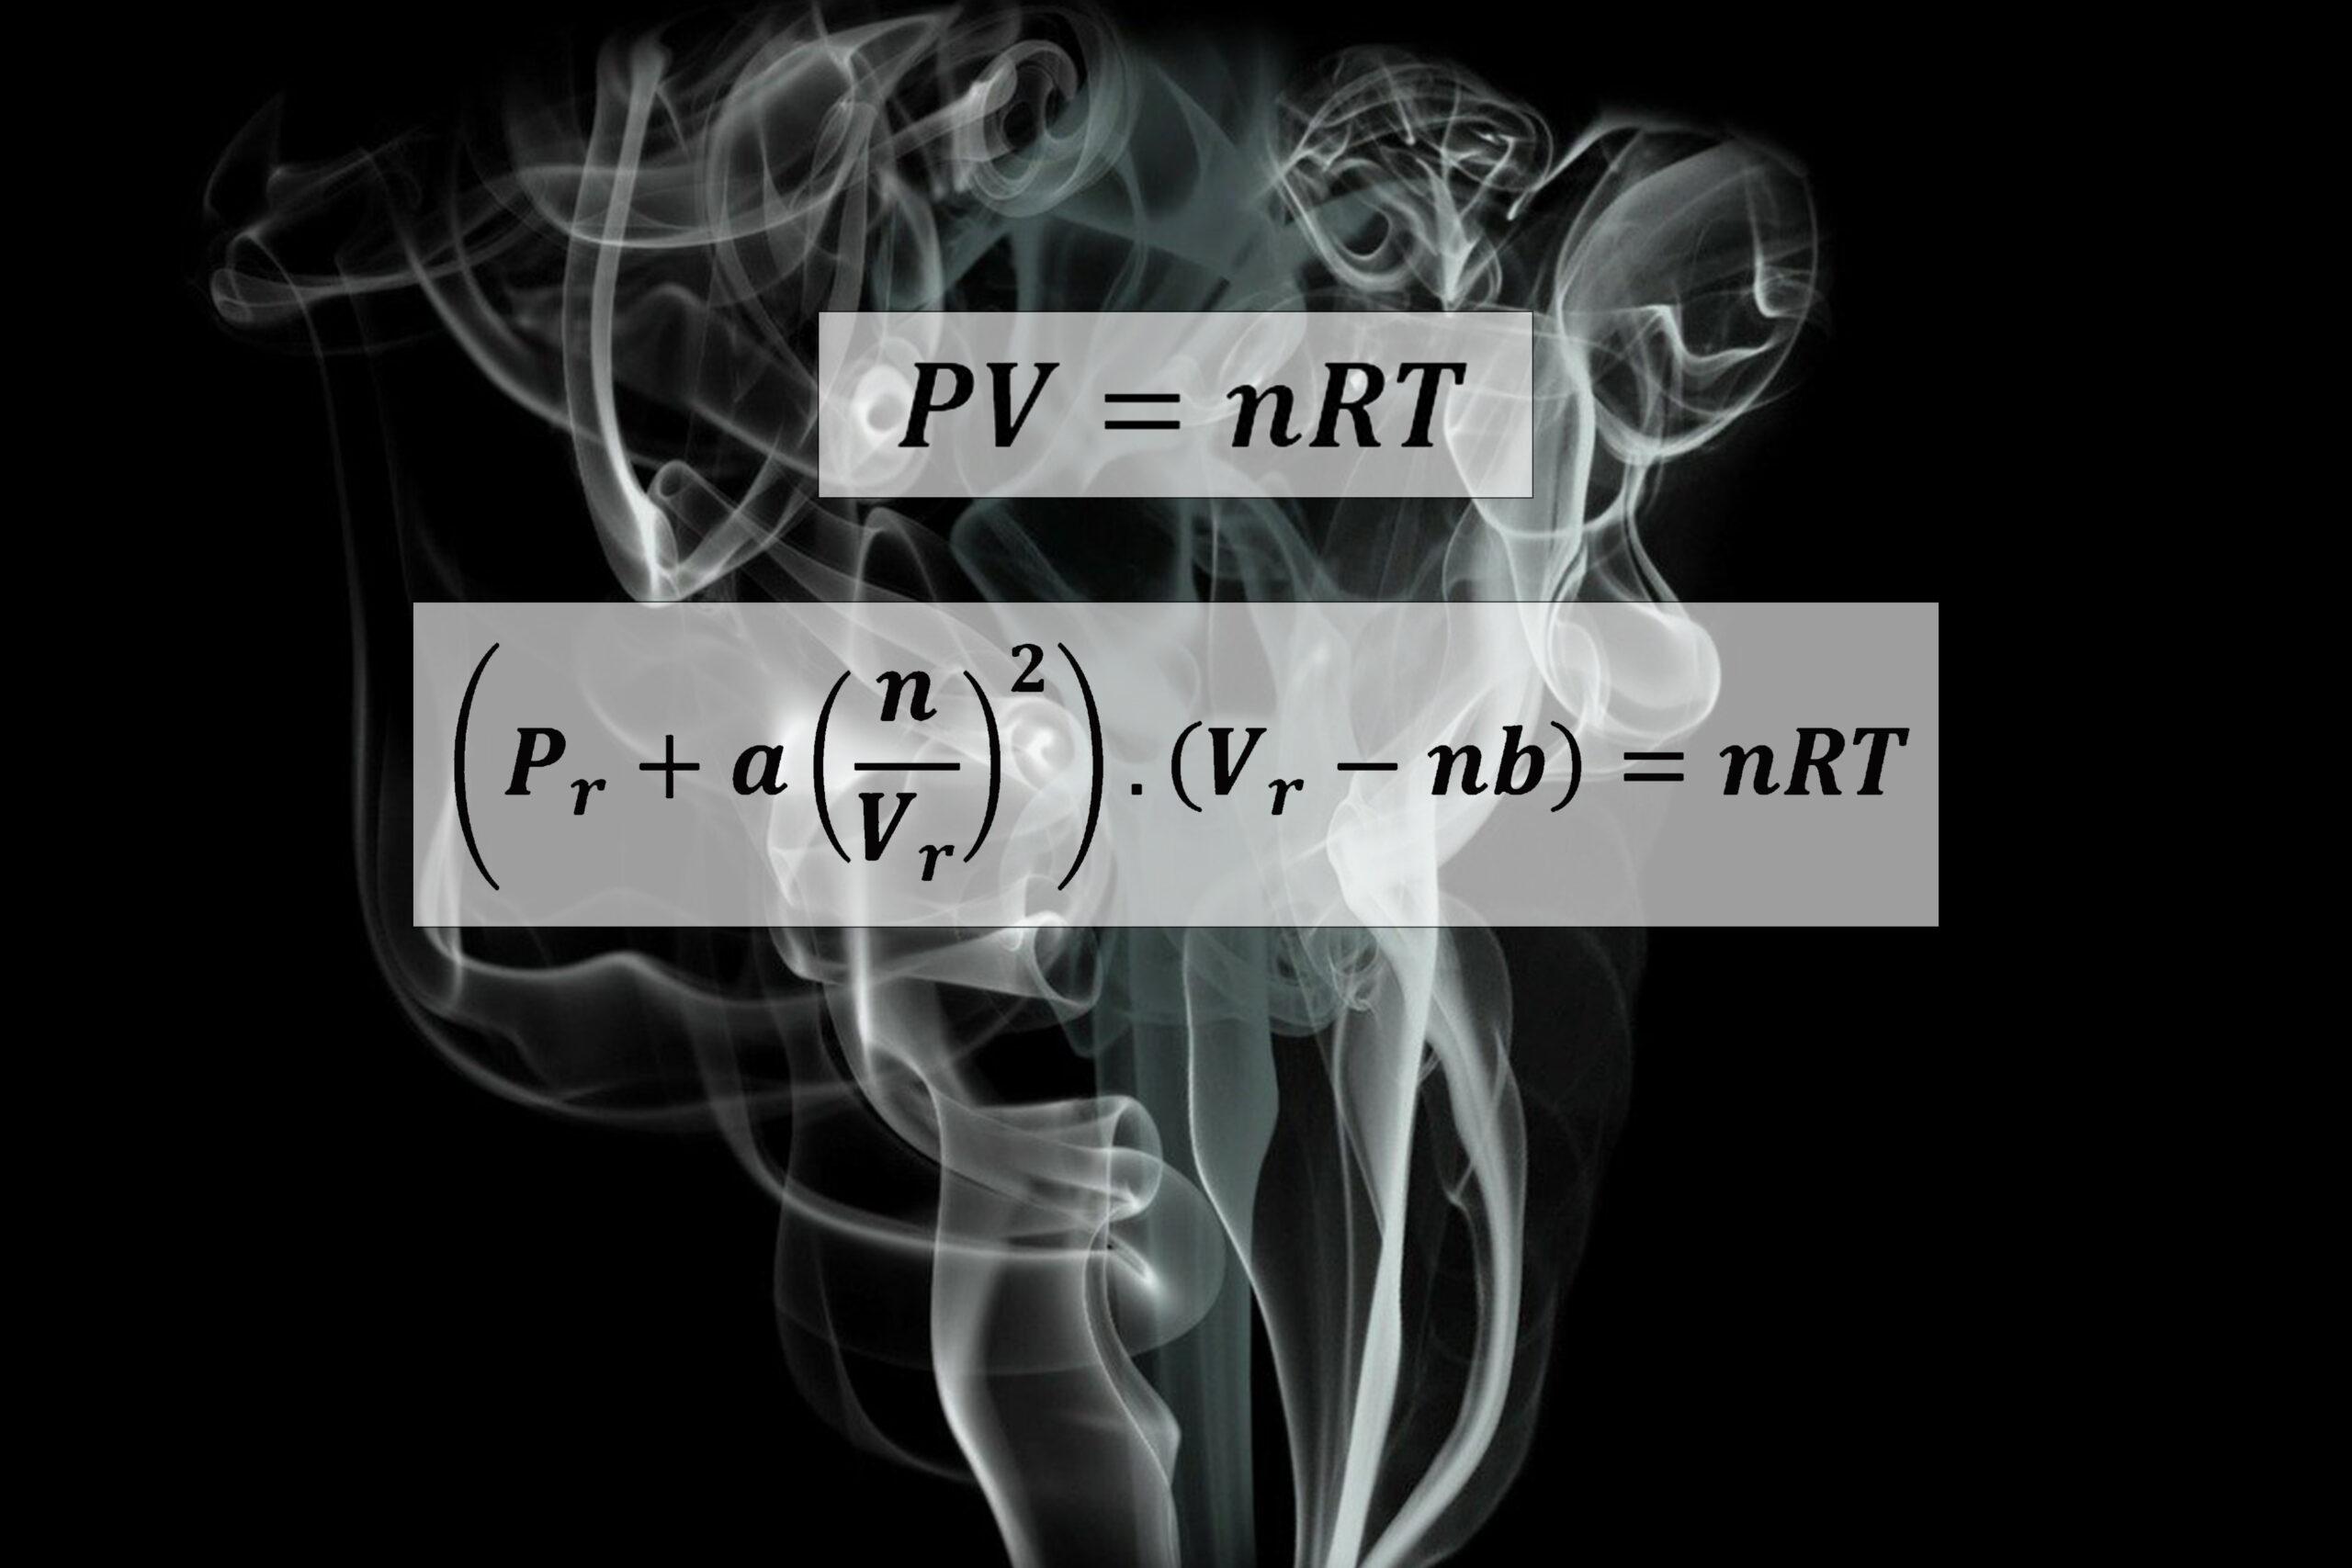 لماذا معادلة الغازات الحقيقية مختلفة عن معادلة الغازات الكاملة ؟